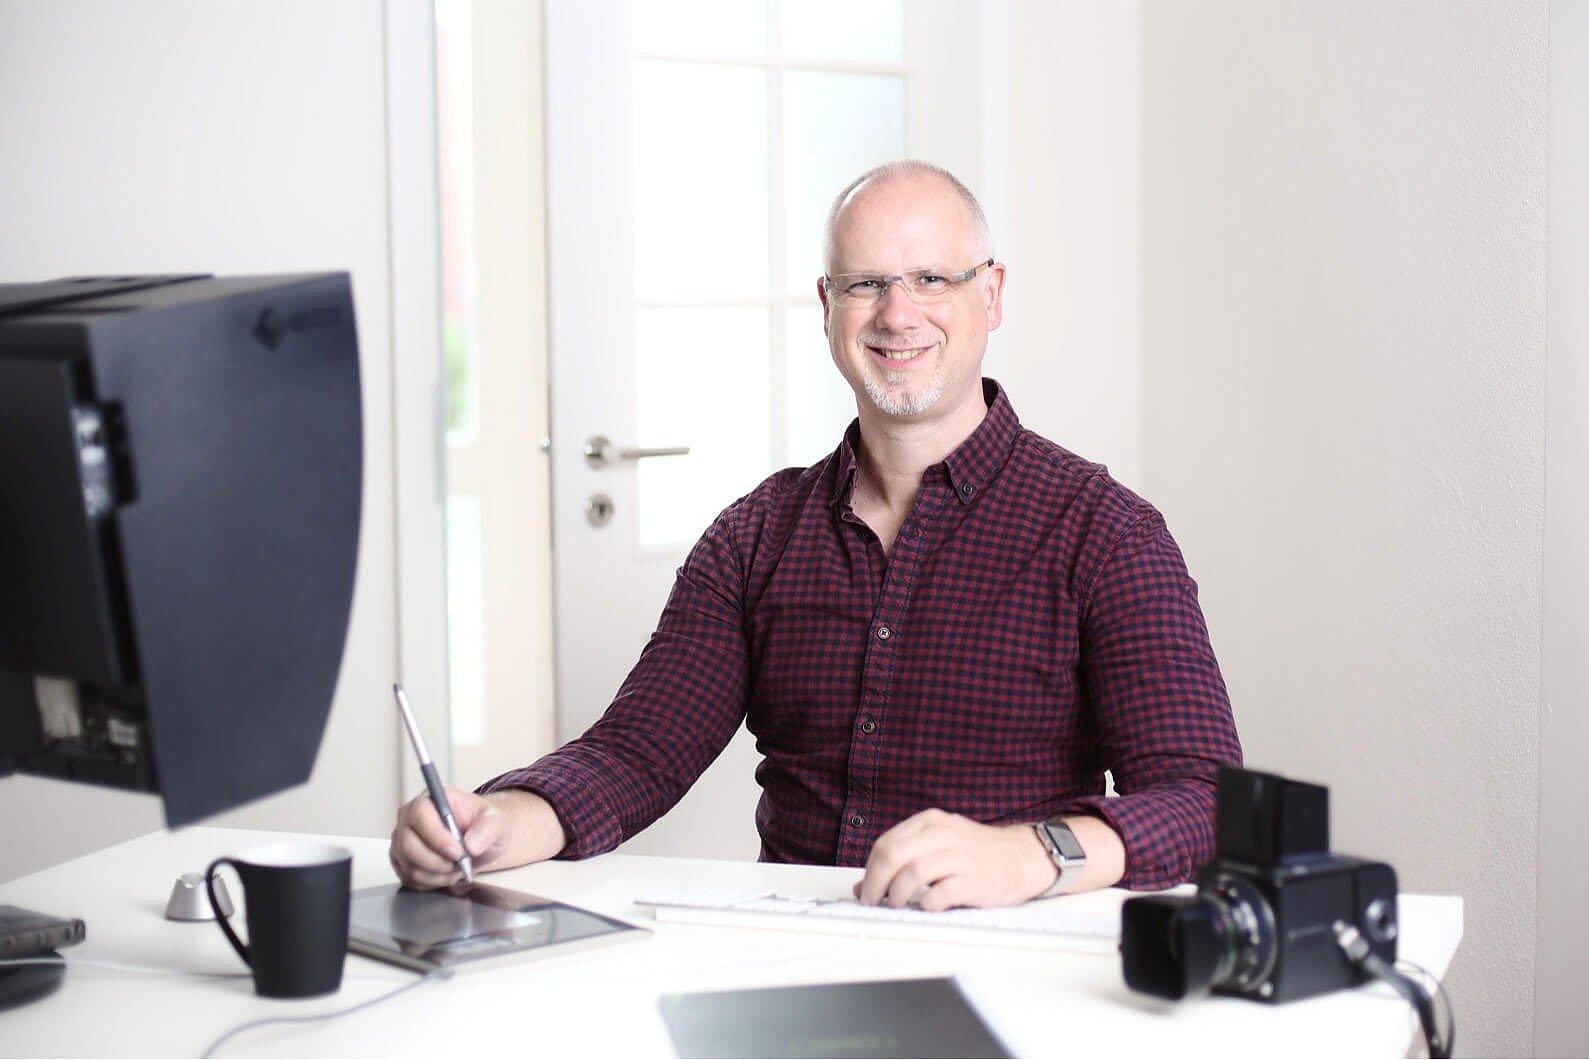 Webdesigner und Fotograf Jochen Abitz aus Barsinghausen bei Hannover